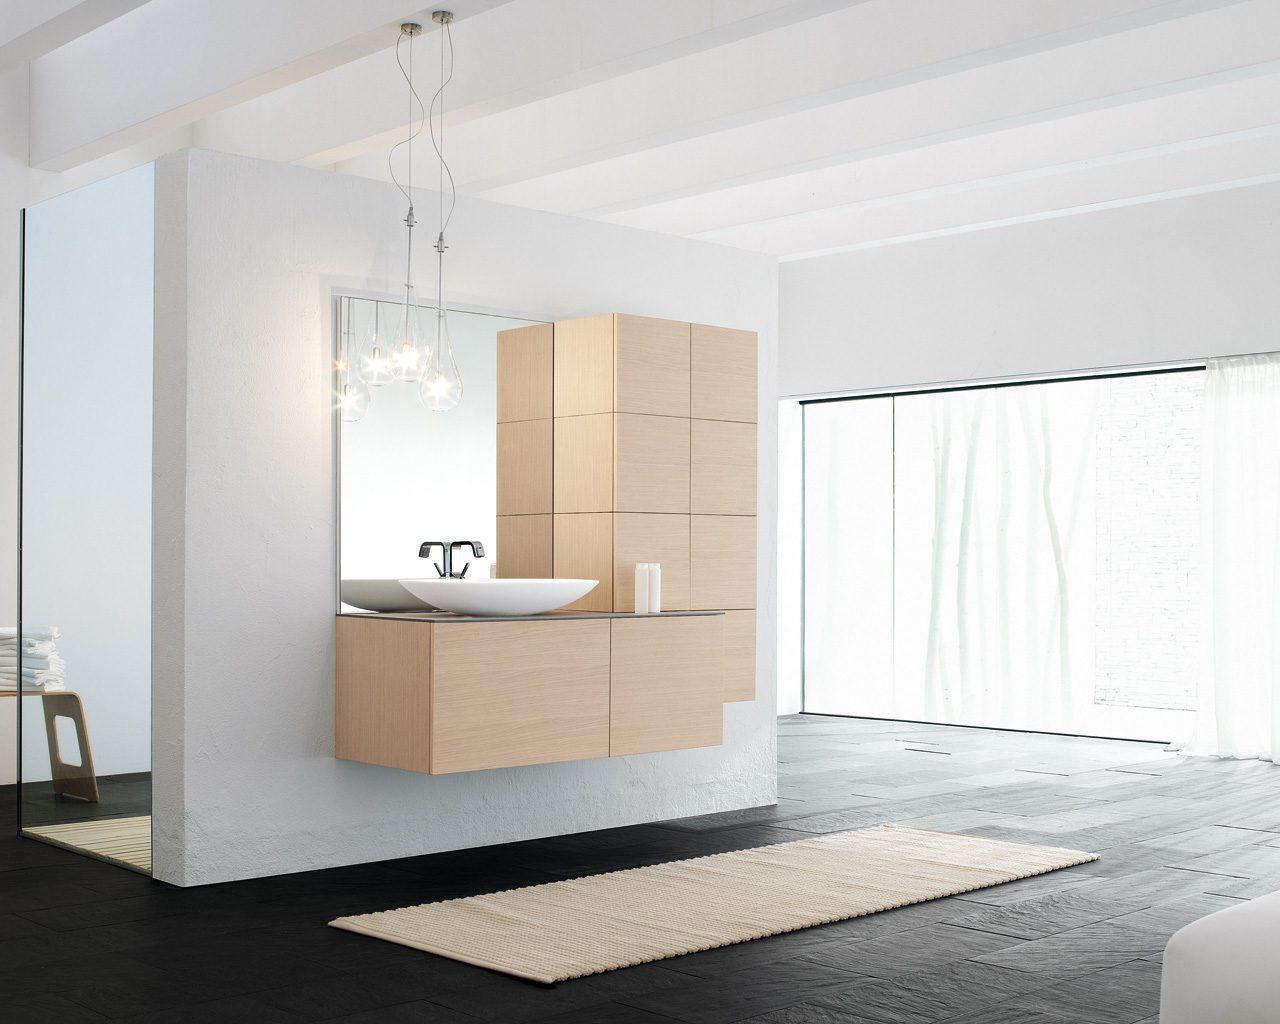 Fotos de ba os minimalistas - Espejos para banos minimalistas ...